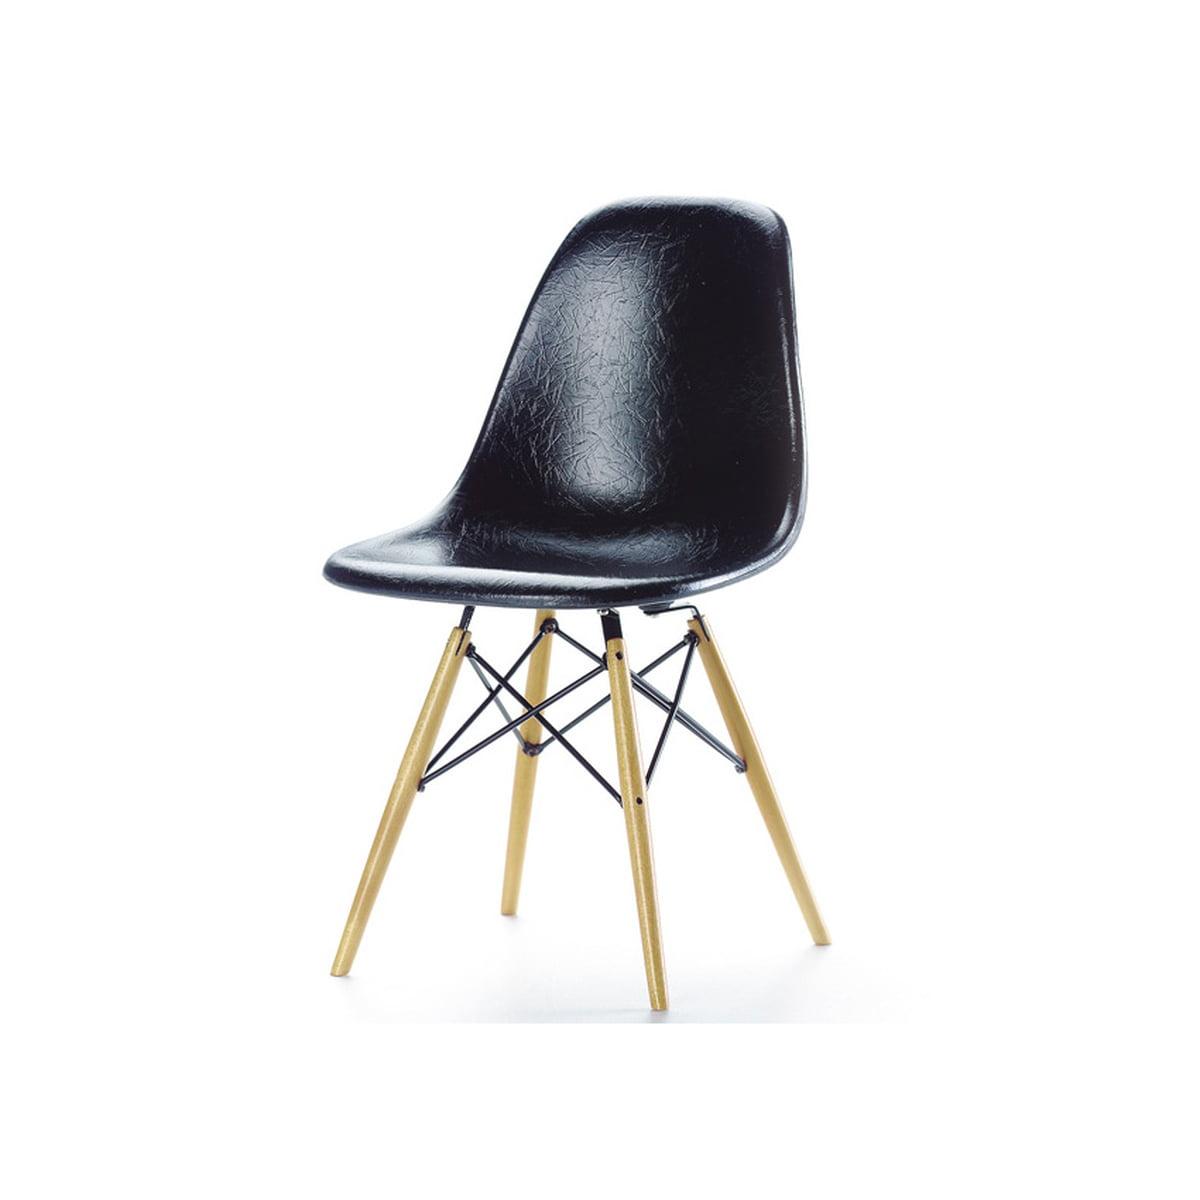 Miniatur Eames Dsw Stuhl Vitra Connoxch